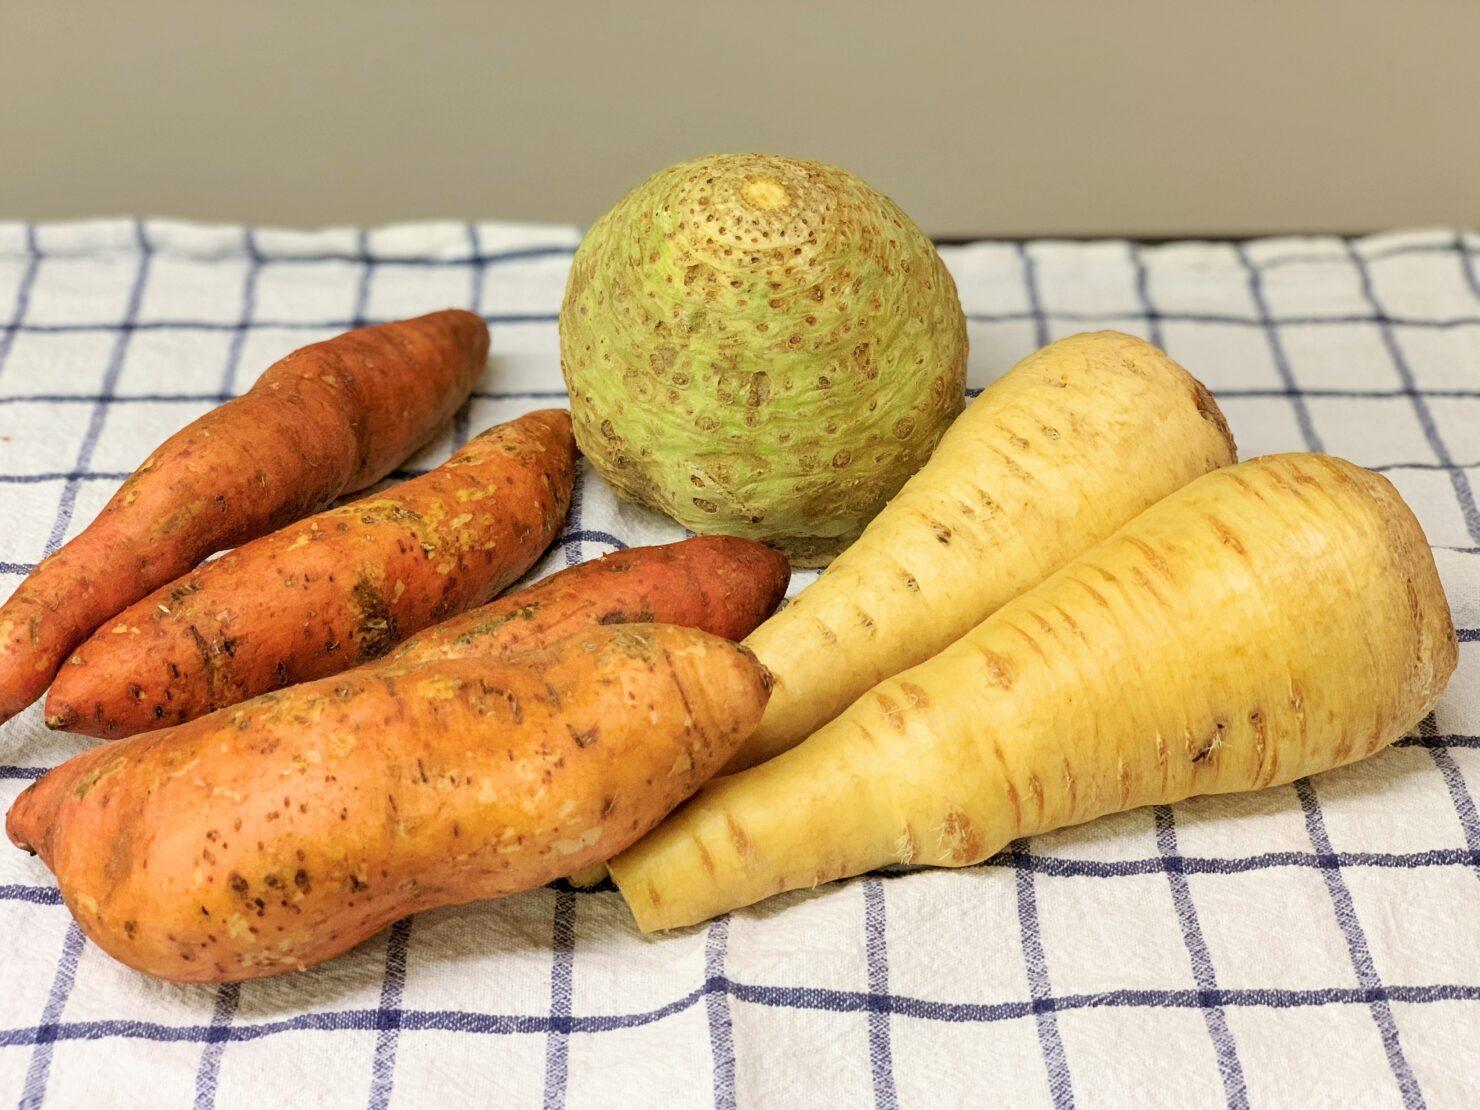 Grüner Sellerie, orangefarbene Süsskartoffeln und gelbe Pastinaken: Wintergemüse ist alles andere als eintönig!